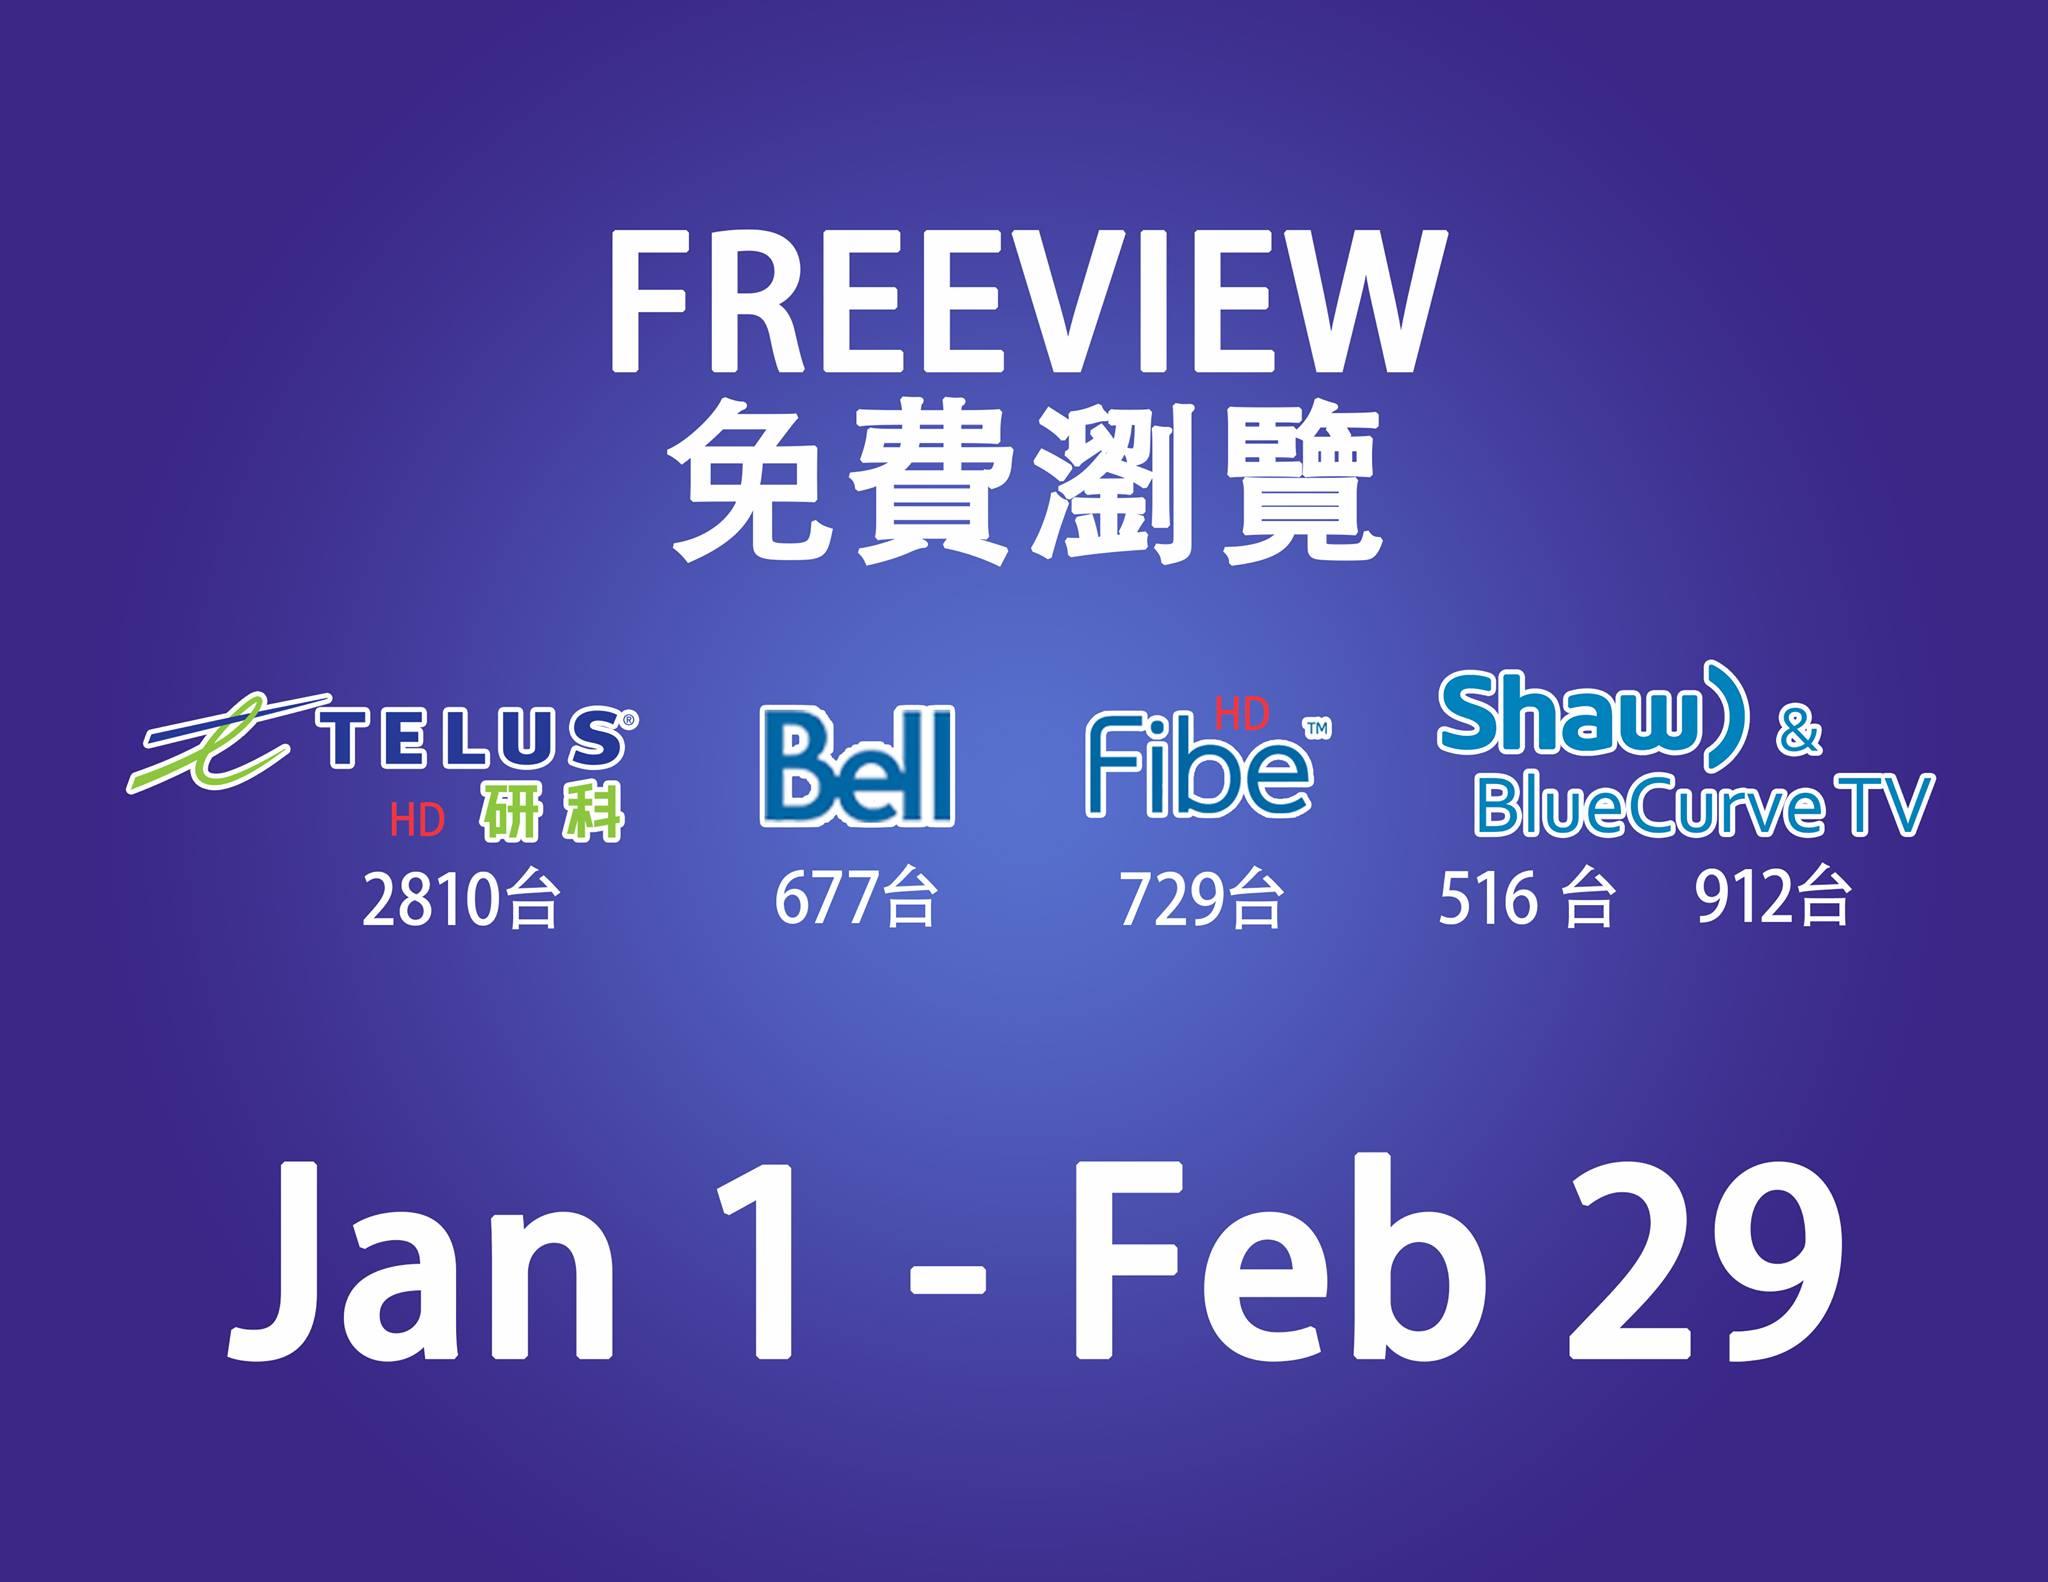 免費:龍祥電影頻道